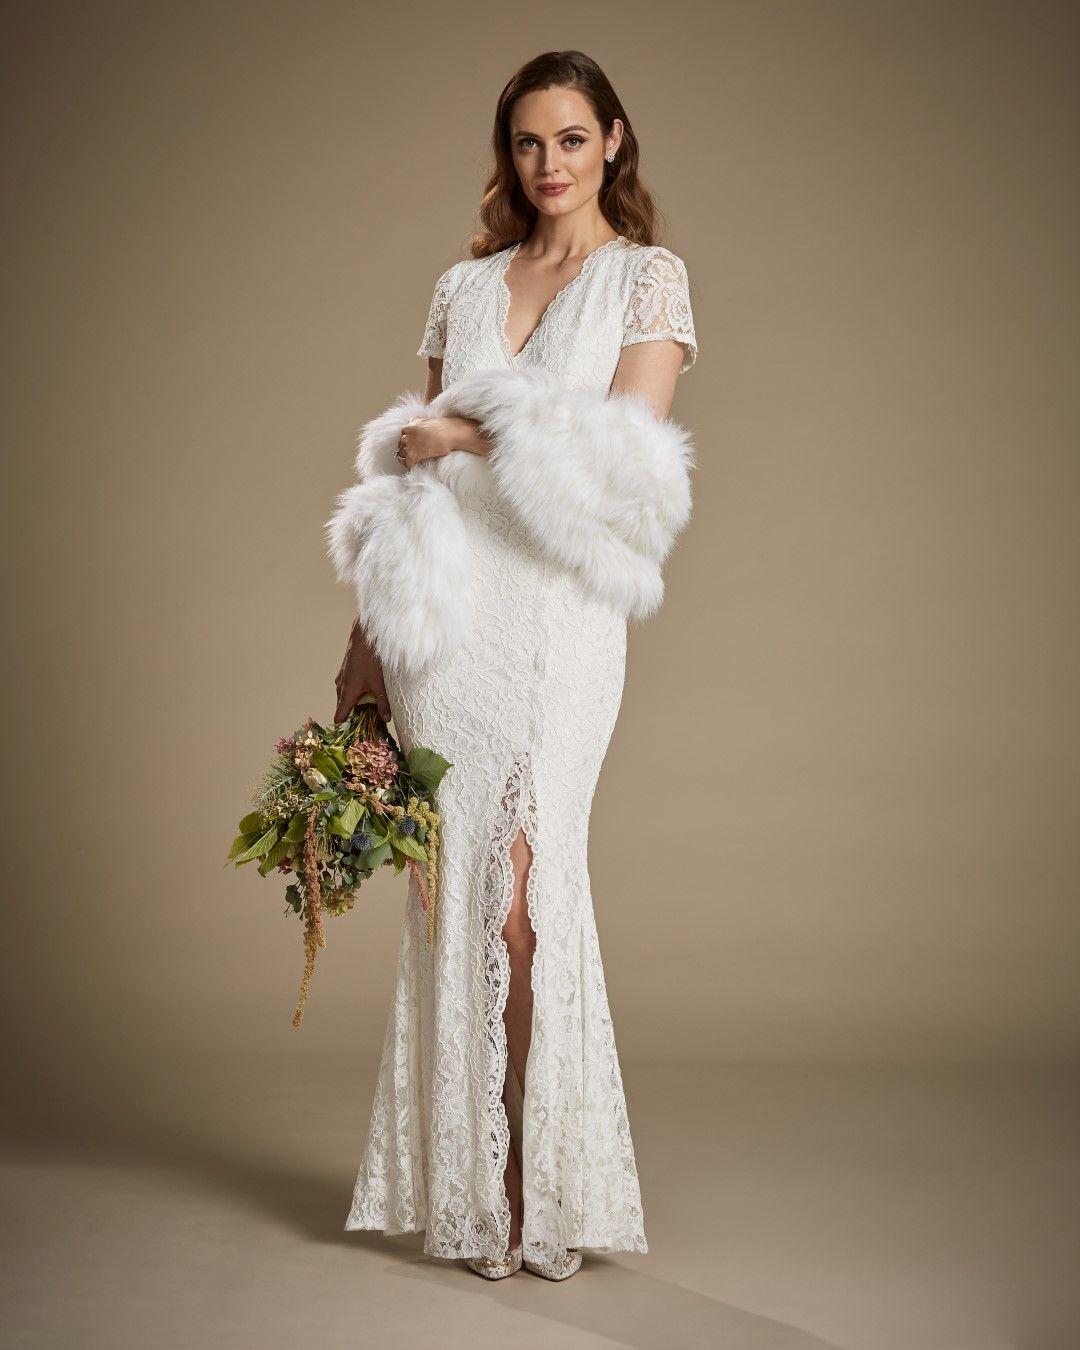 d69977a5e164 WB HOLIDAY 2018 | LE CHÂTEAU | THE WEDDING BOUTIQUE | Boutique ...